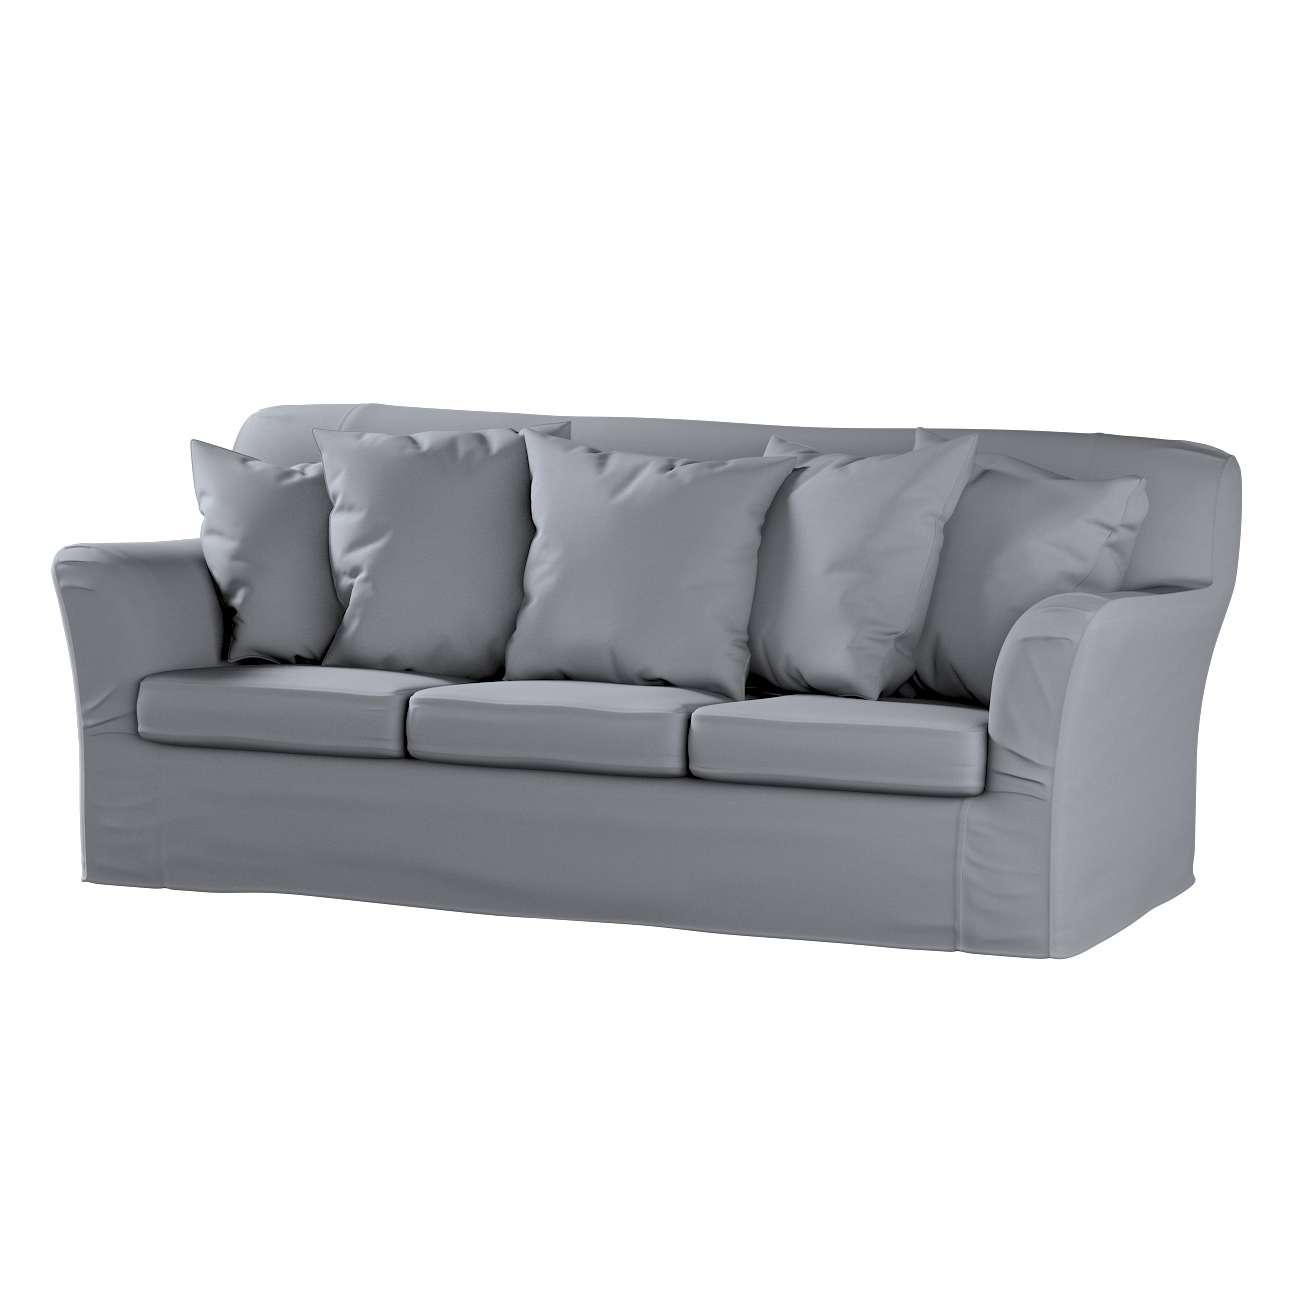 Pokrowiec na sofę Tomelilla 3-osobową nierozkładaną Sofa Tomelilla 3-osobowa w kolekcji Cotton Panama, tkanina: 702-07